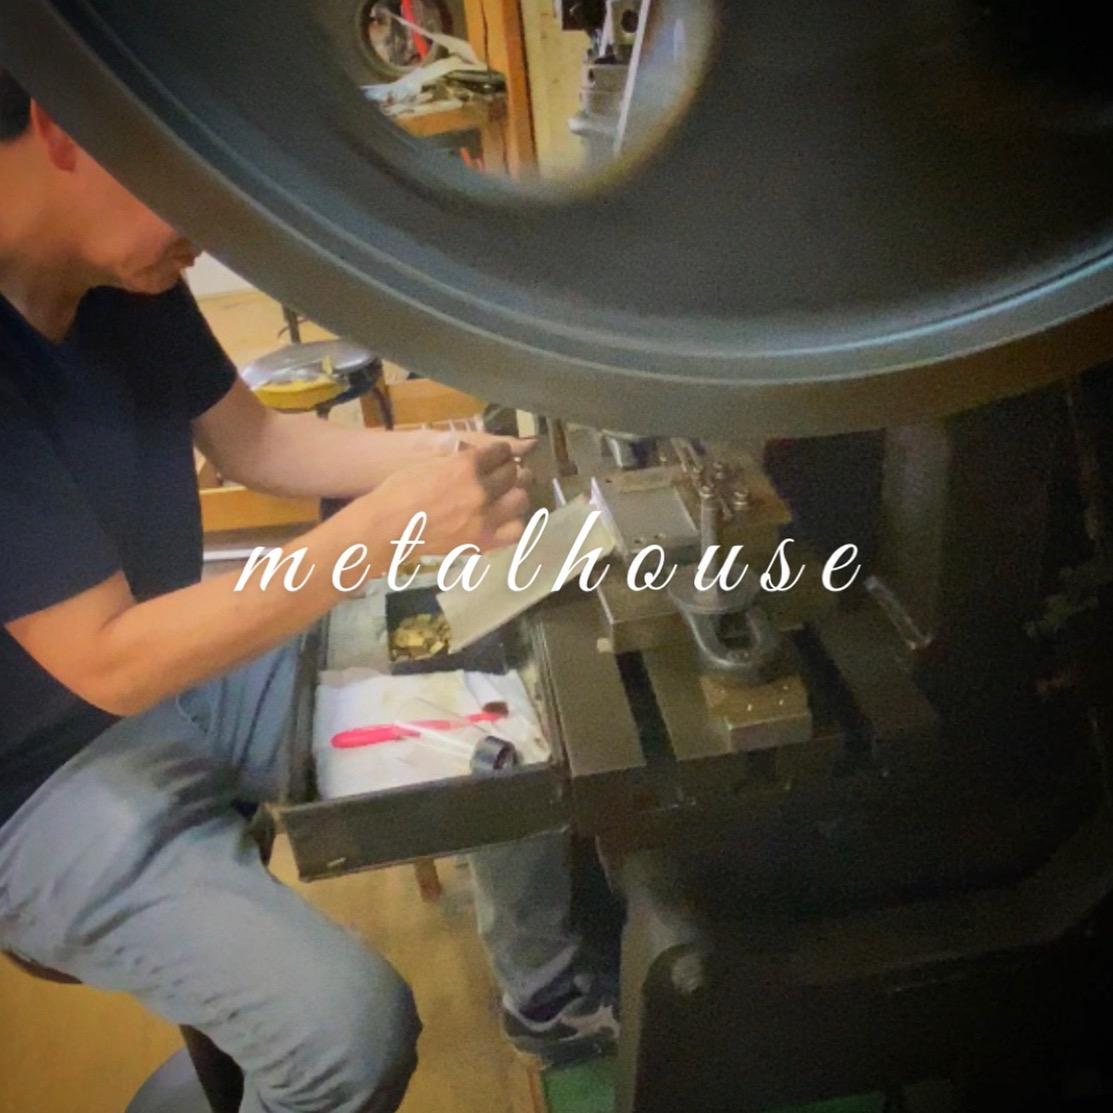 """下町の工場には様々なモノ作りを共に支える多くの""""名人=職人達がいます。  🔨 We, metalhouse have lots of experiences, machines and craftsman who can manage all this punching technics to make designs on metal plates."""